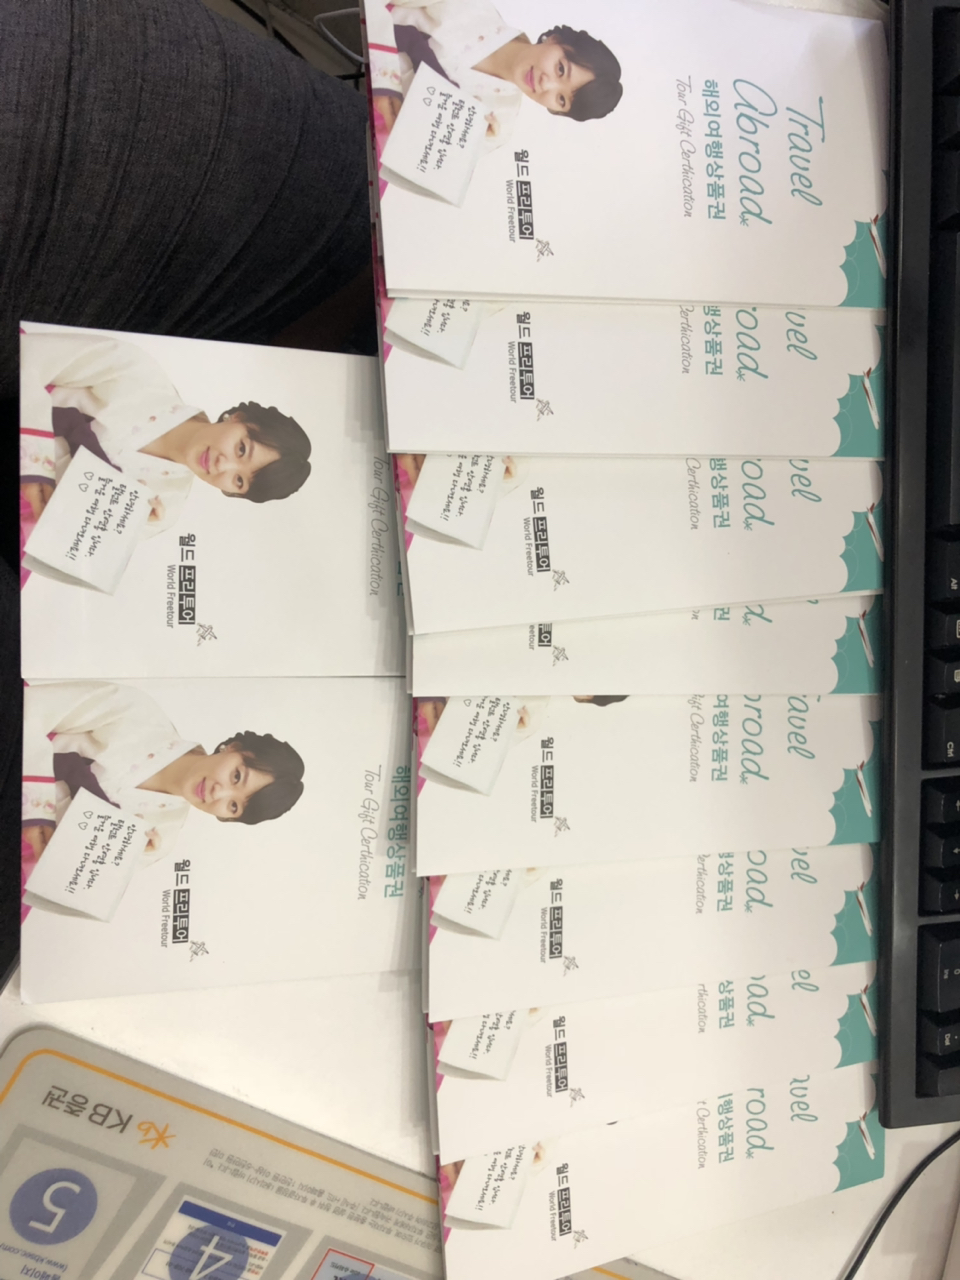 월드프리투어 동남아무료 여행권 3박5일 장당 5만판매 8장보유